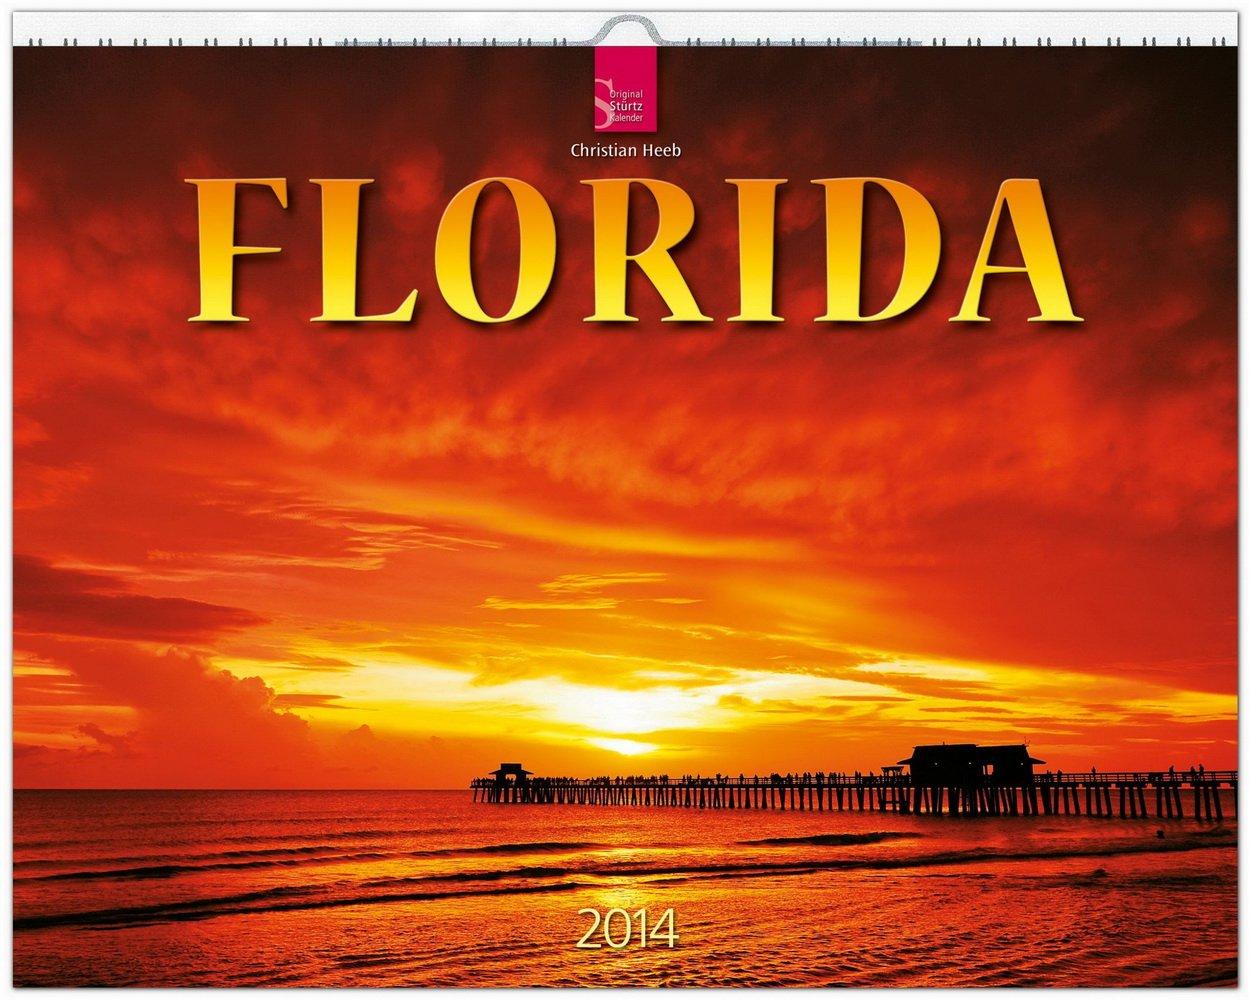 Florida 2014: Original Stürtz-Kalender - Großformat-Kalender 60 x 48 cm [Spiralbindung]